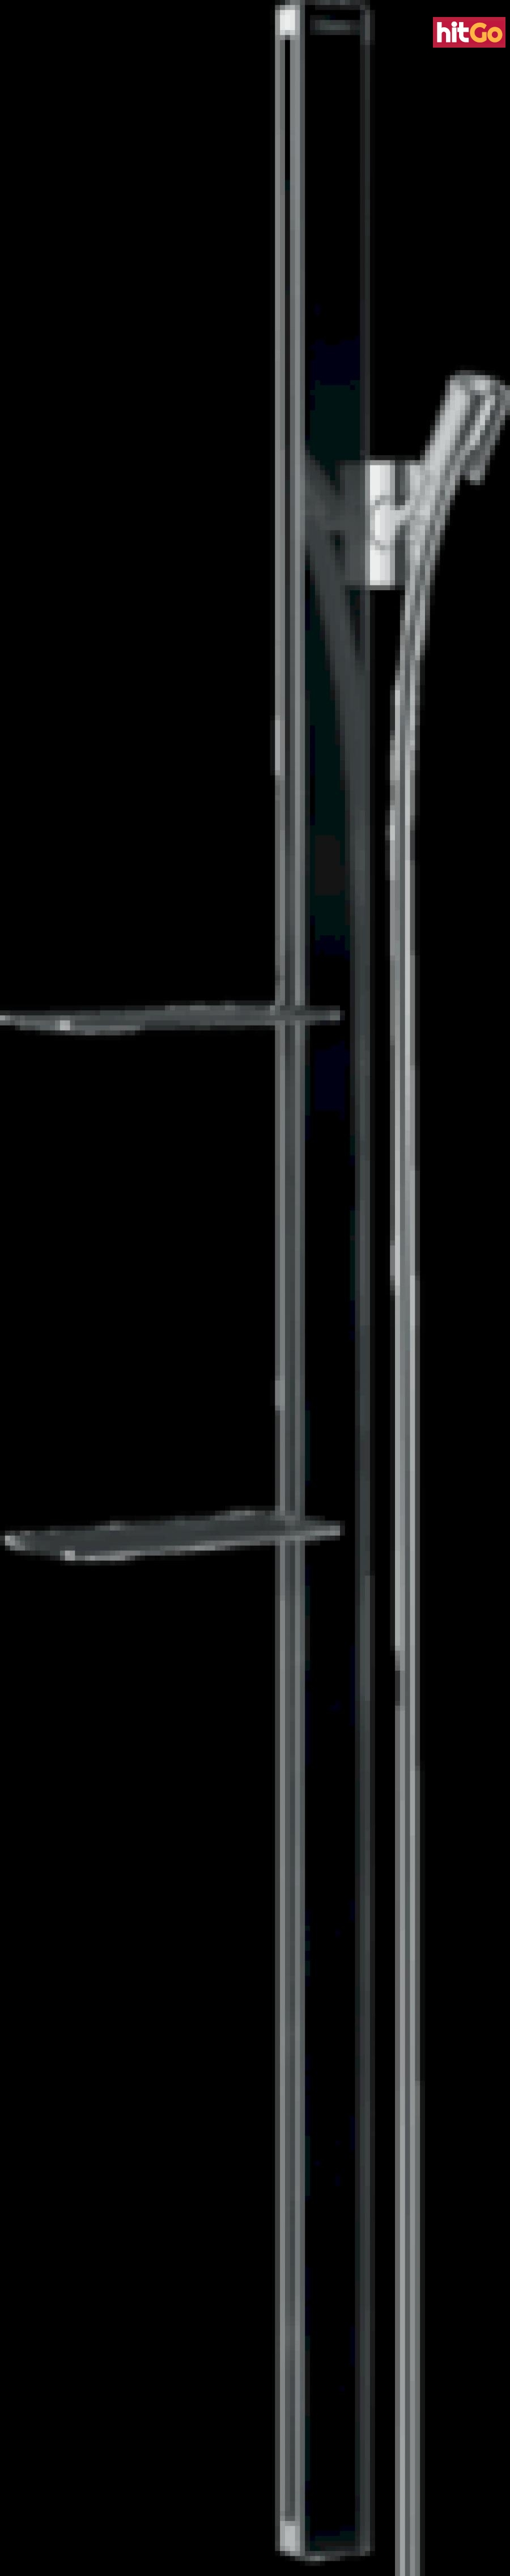 Sprchová tyč Hansgrohe Unica se sprchovou hadicí černá/chrom 27645600 ostatní černá